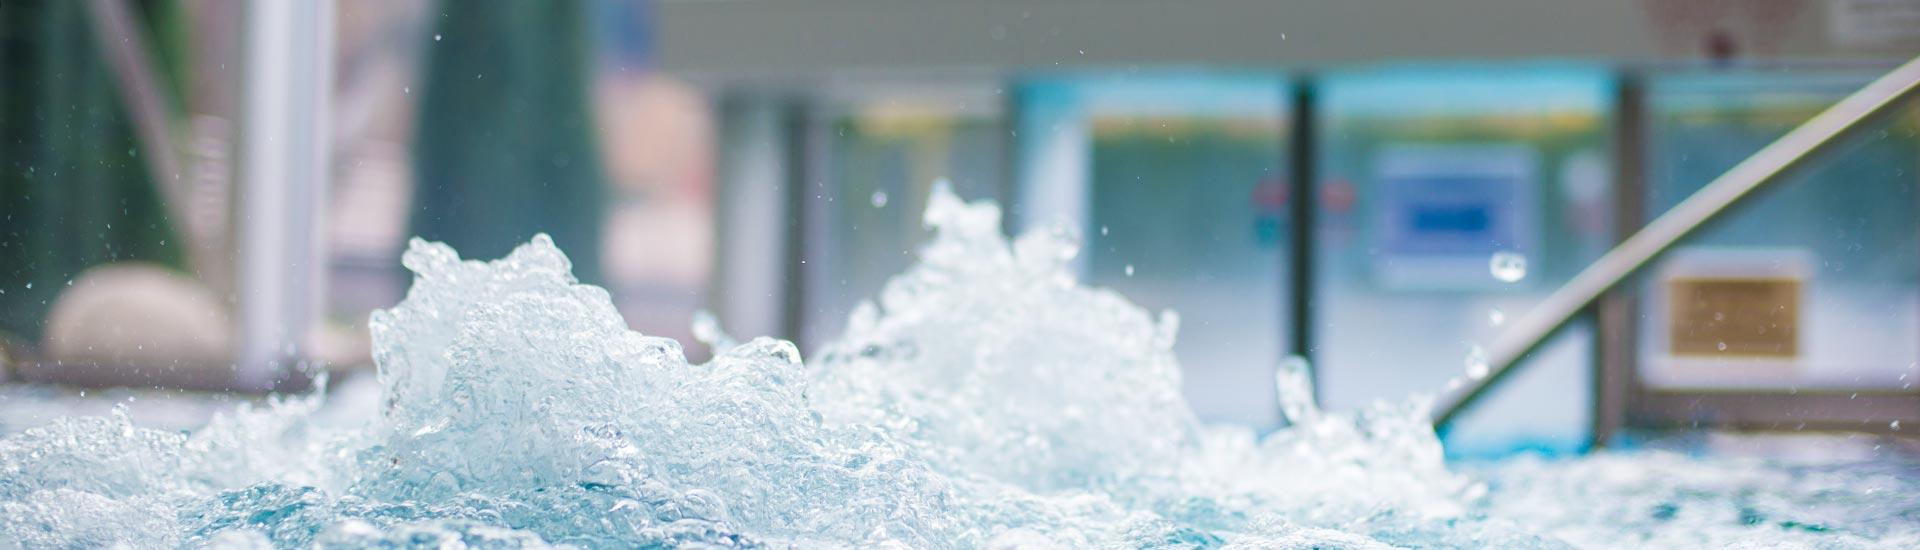 Gasteiner Thermalwasser Hotel Impuls Tirol